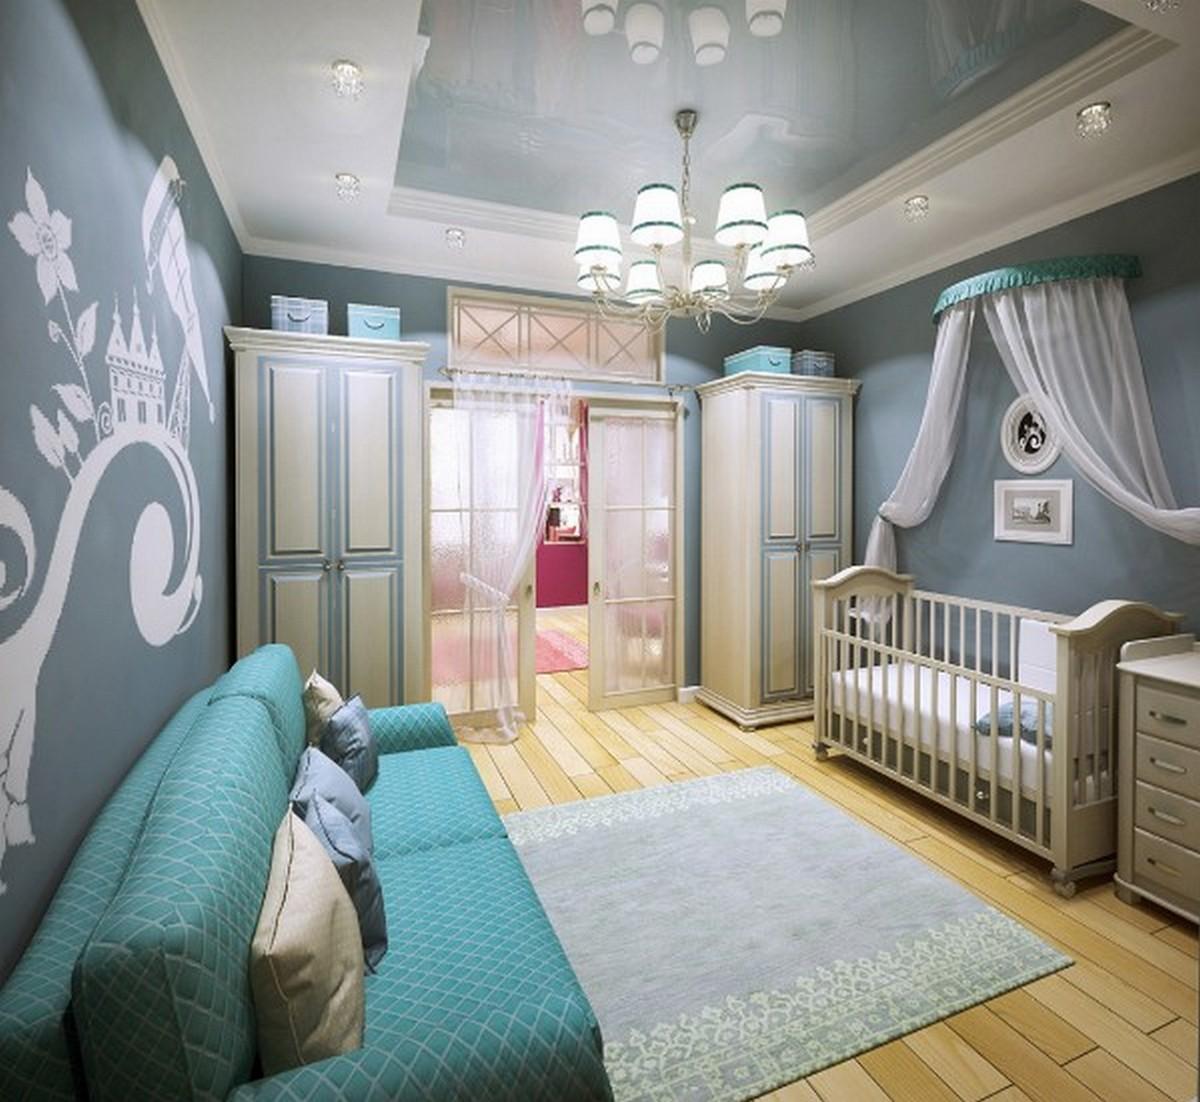 детская комната для новорождённого дизайн освещение